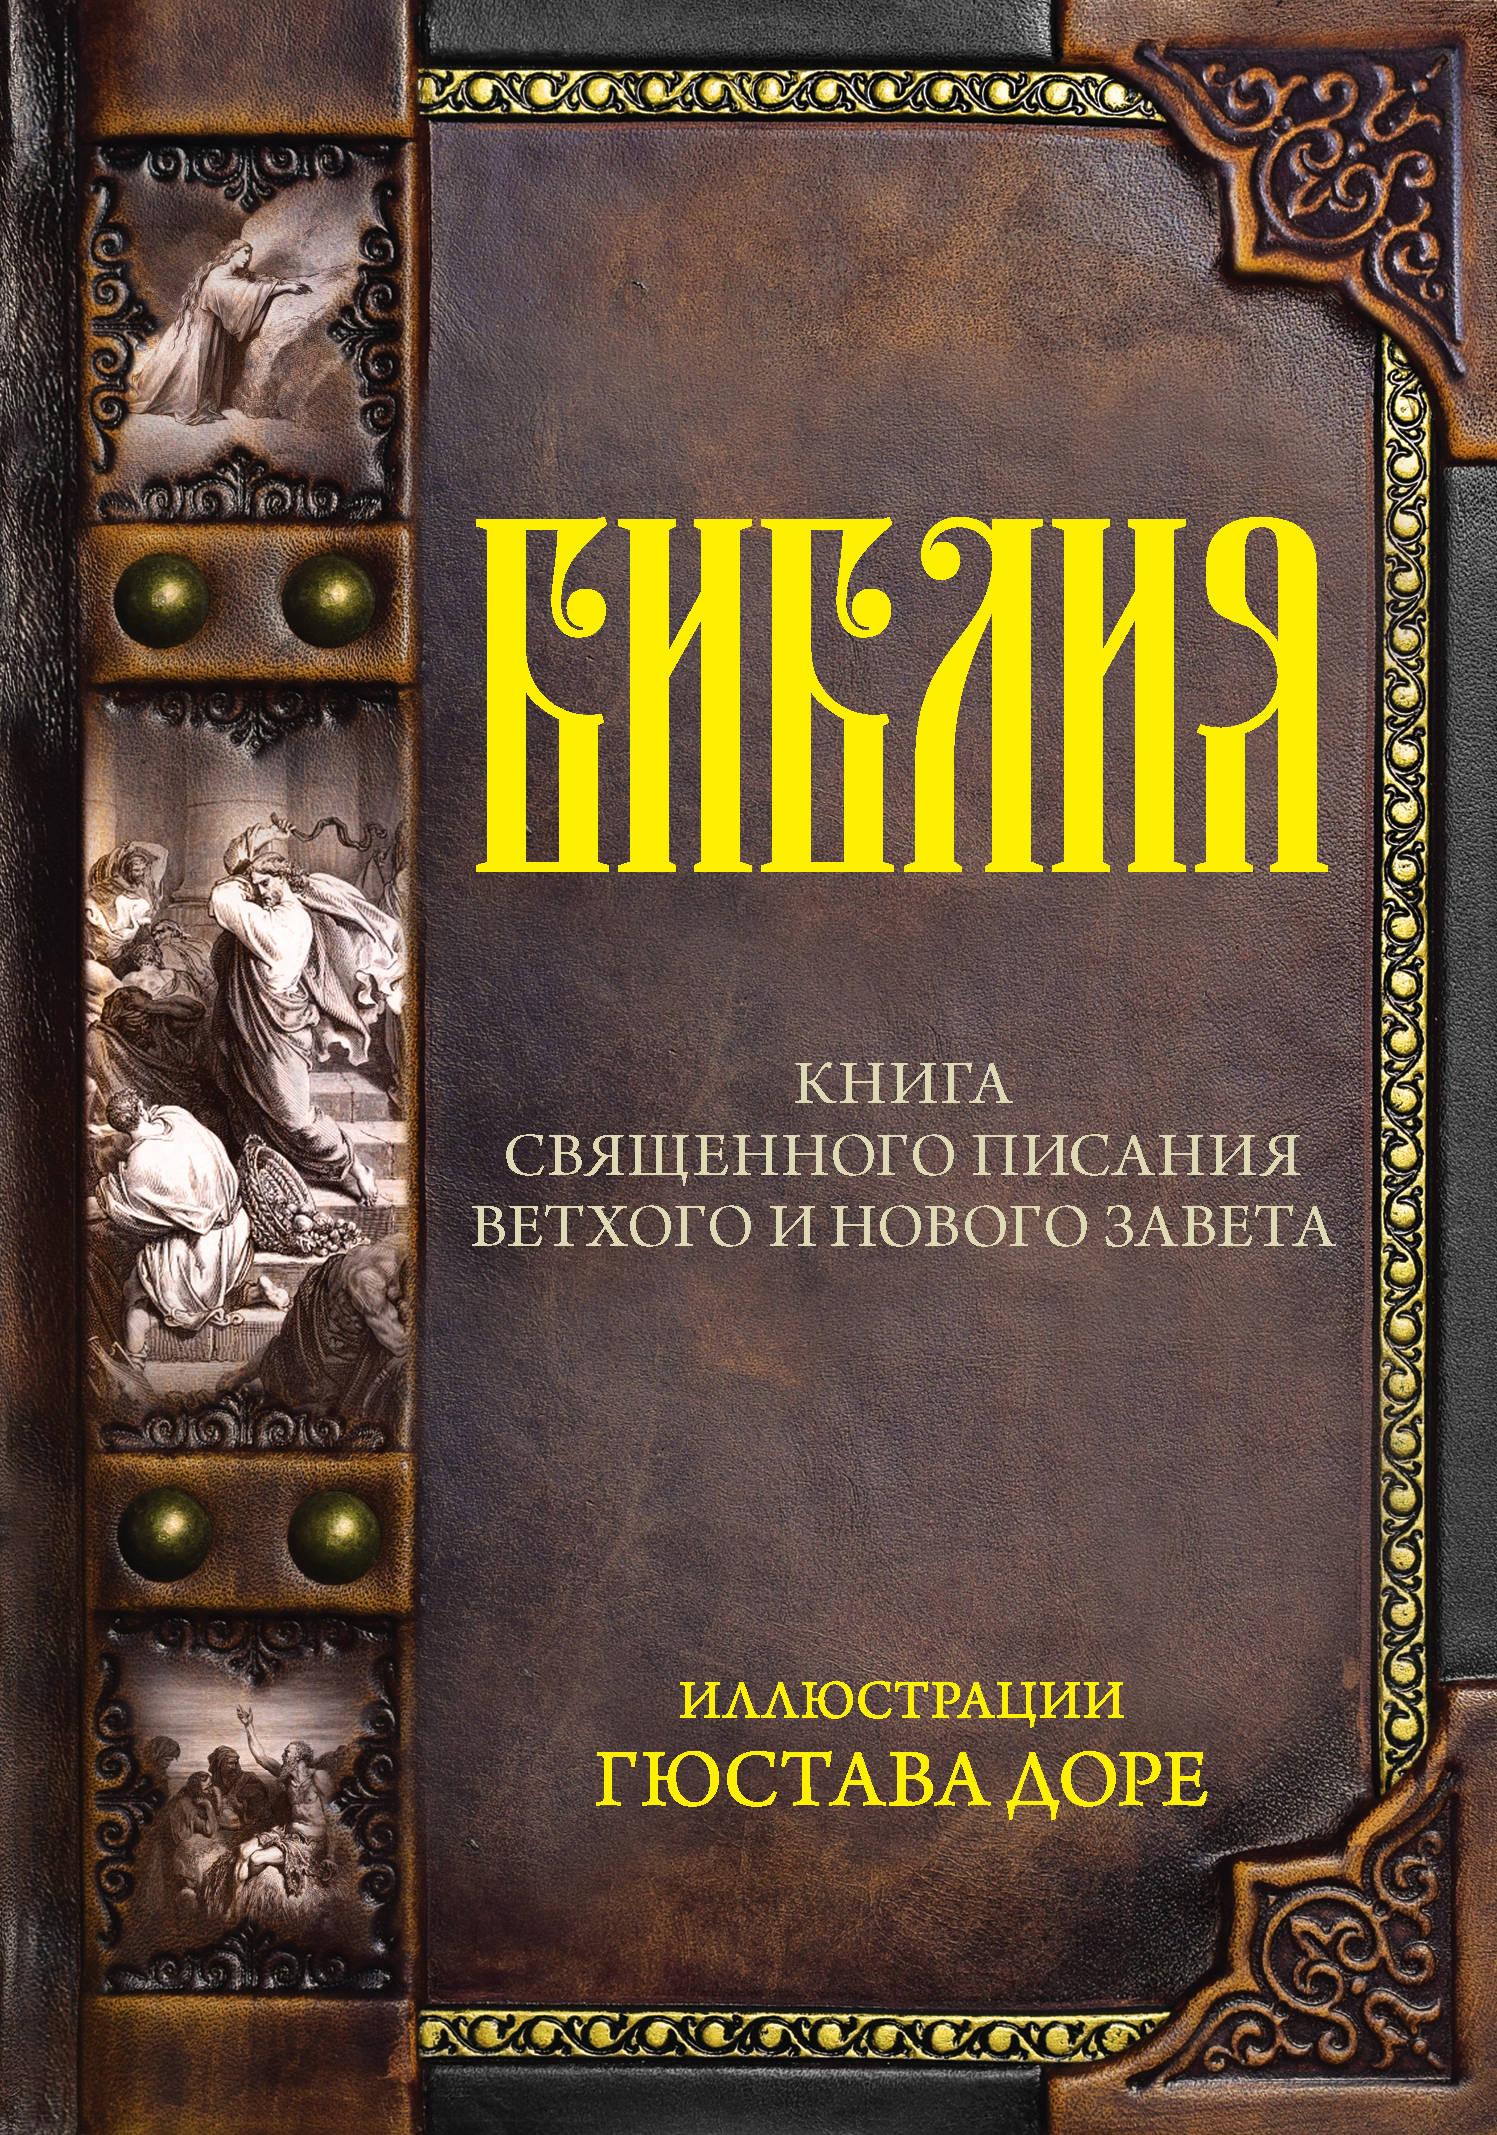 Biblija.Vetkhij i Novyj zavet